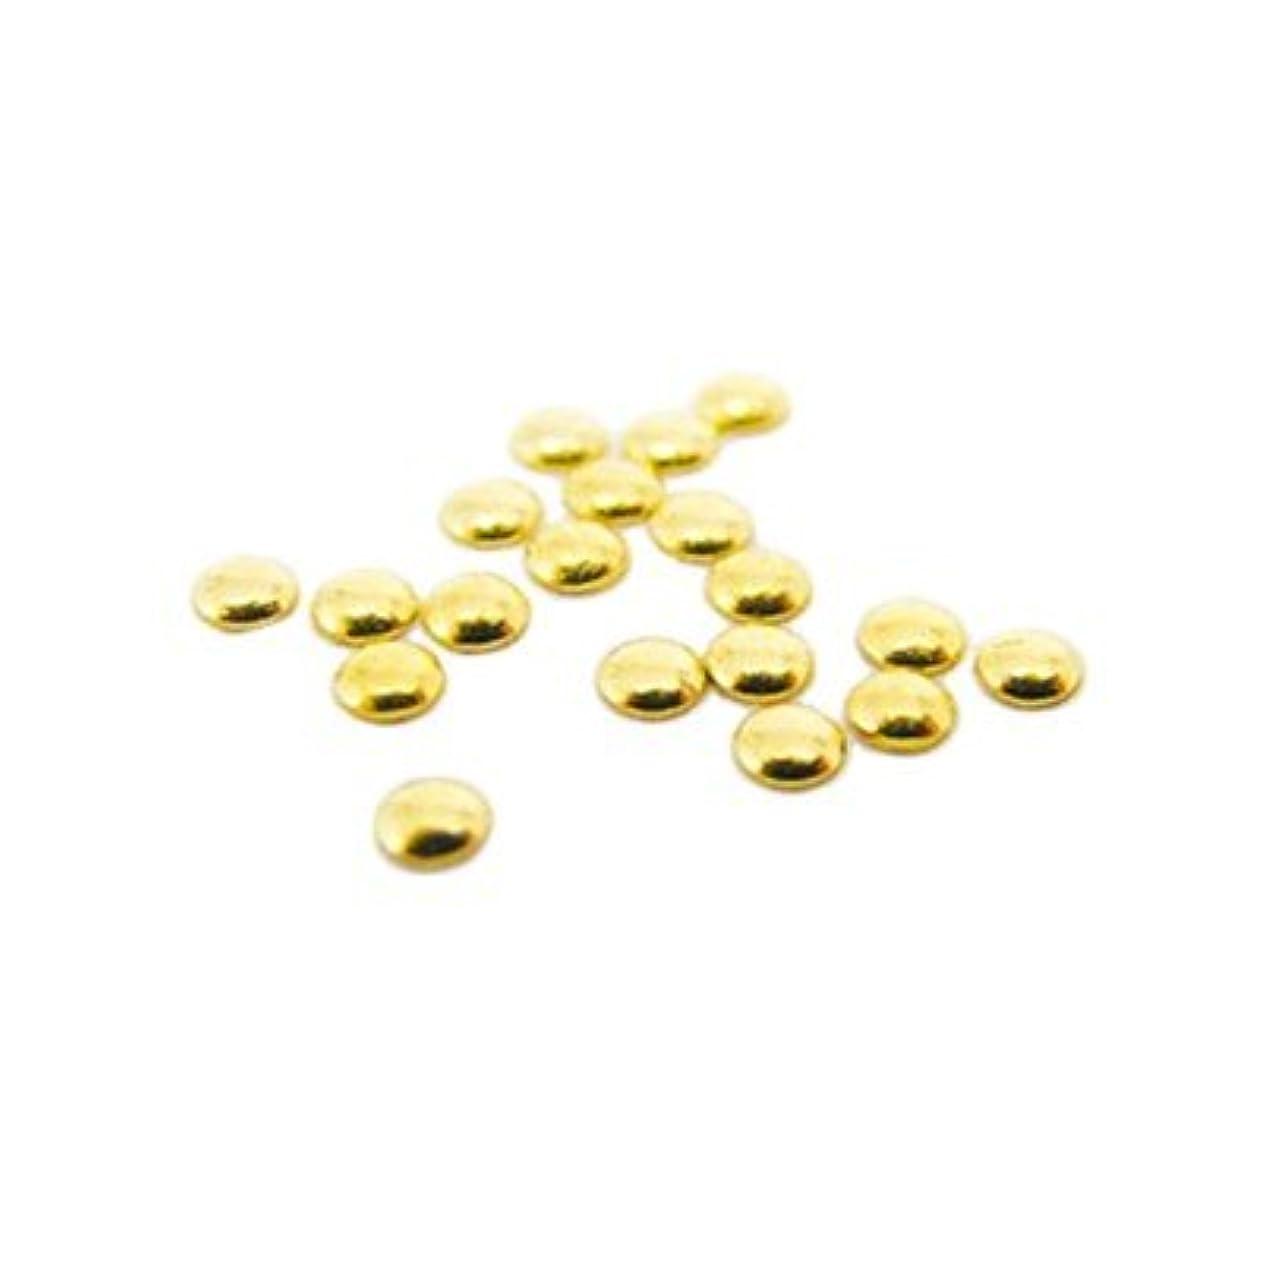 乳製品作りますコンチネンタルピアドラ スタッズ 1.2mm 50P ゴールド